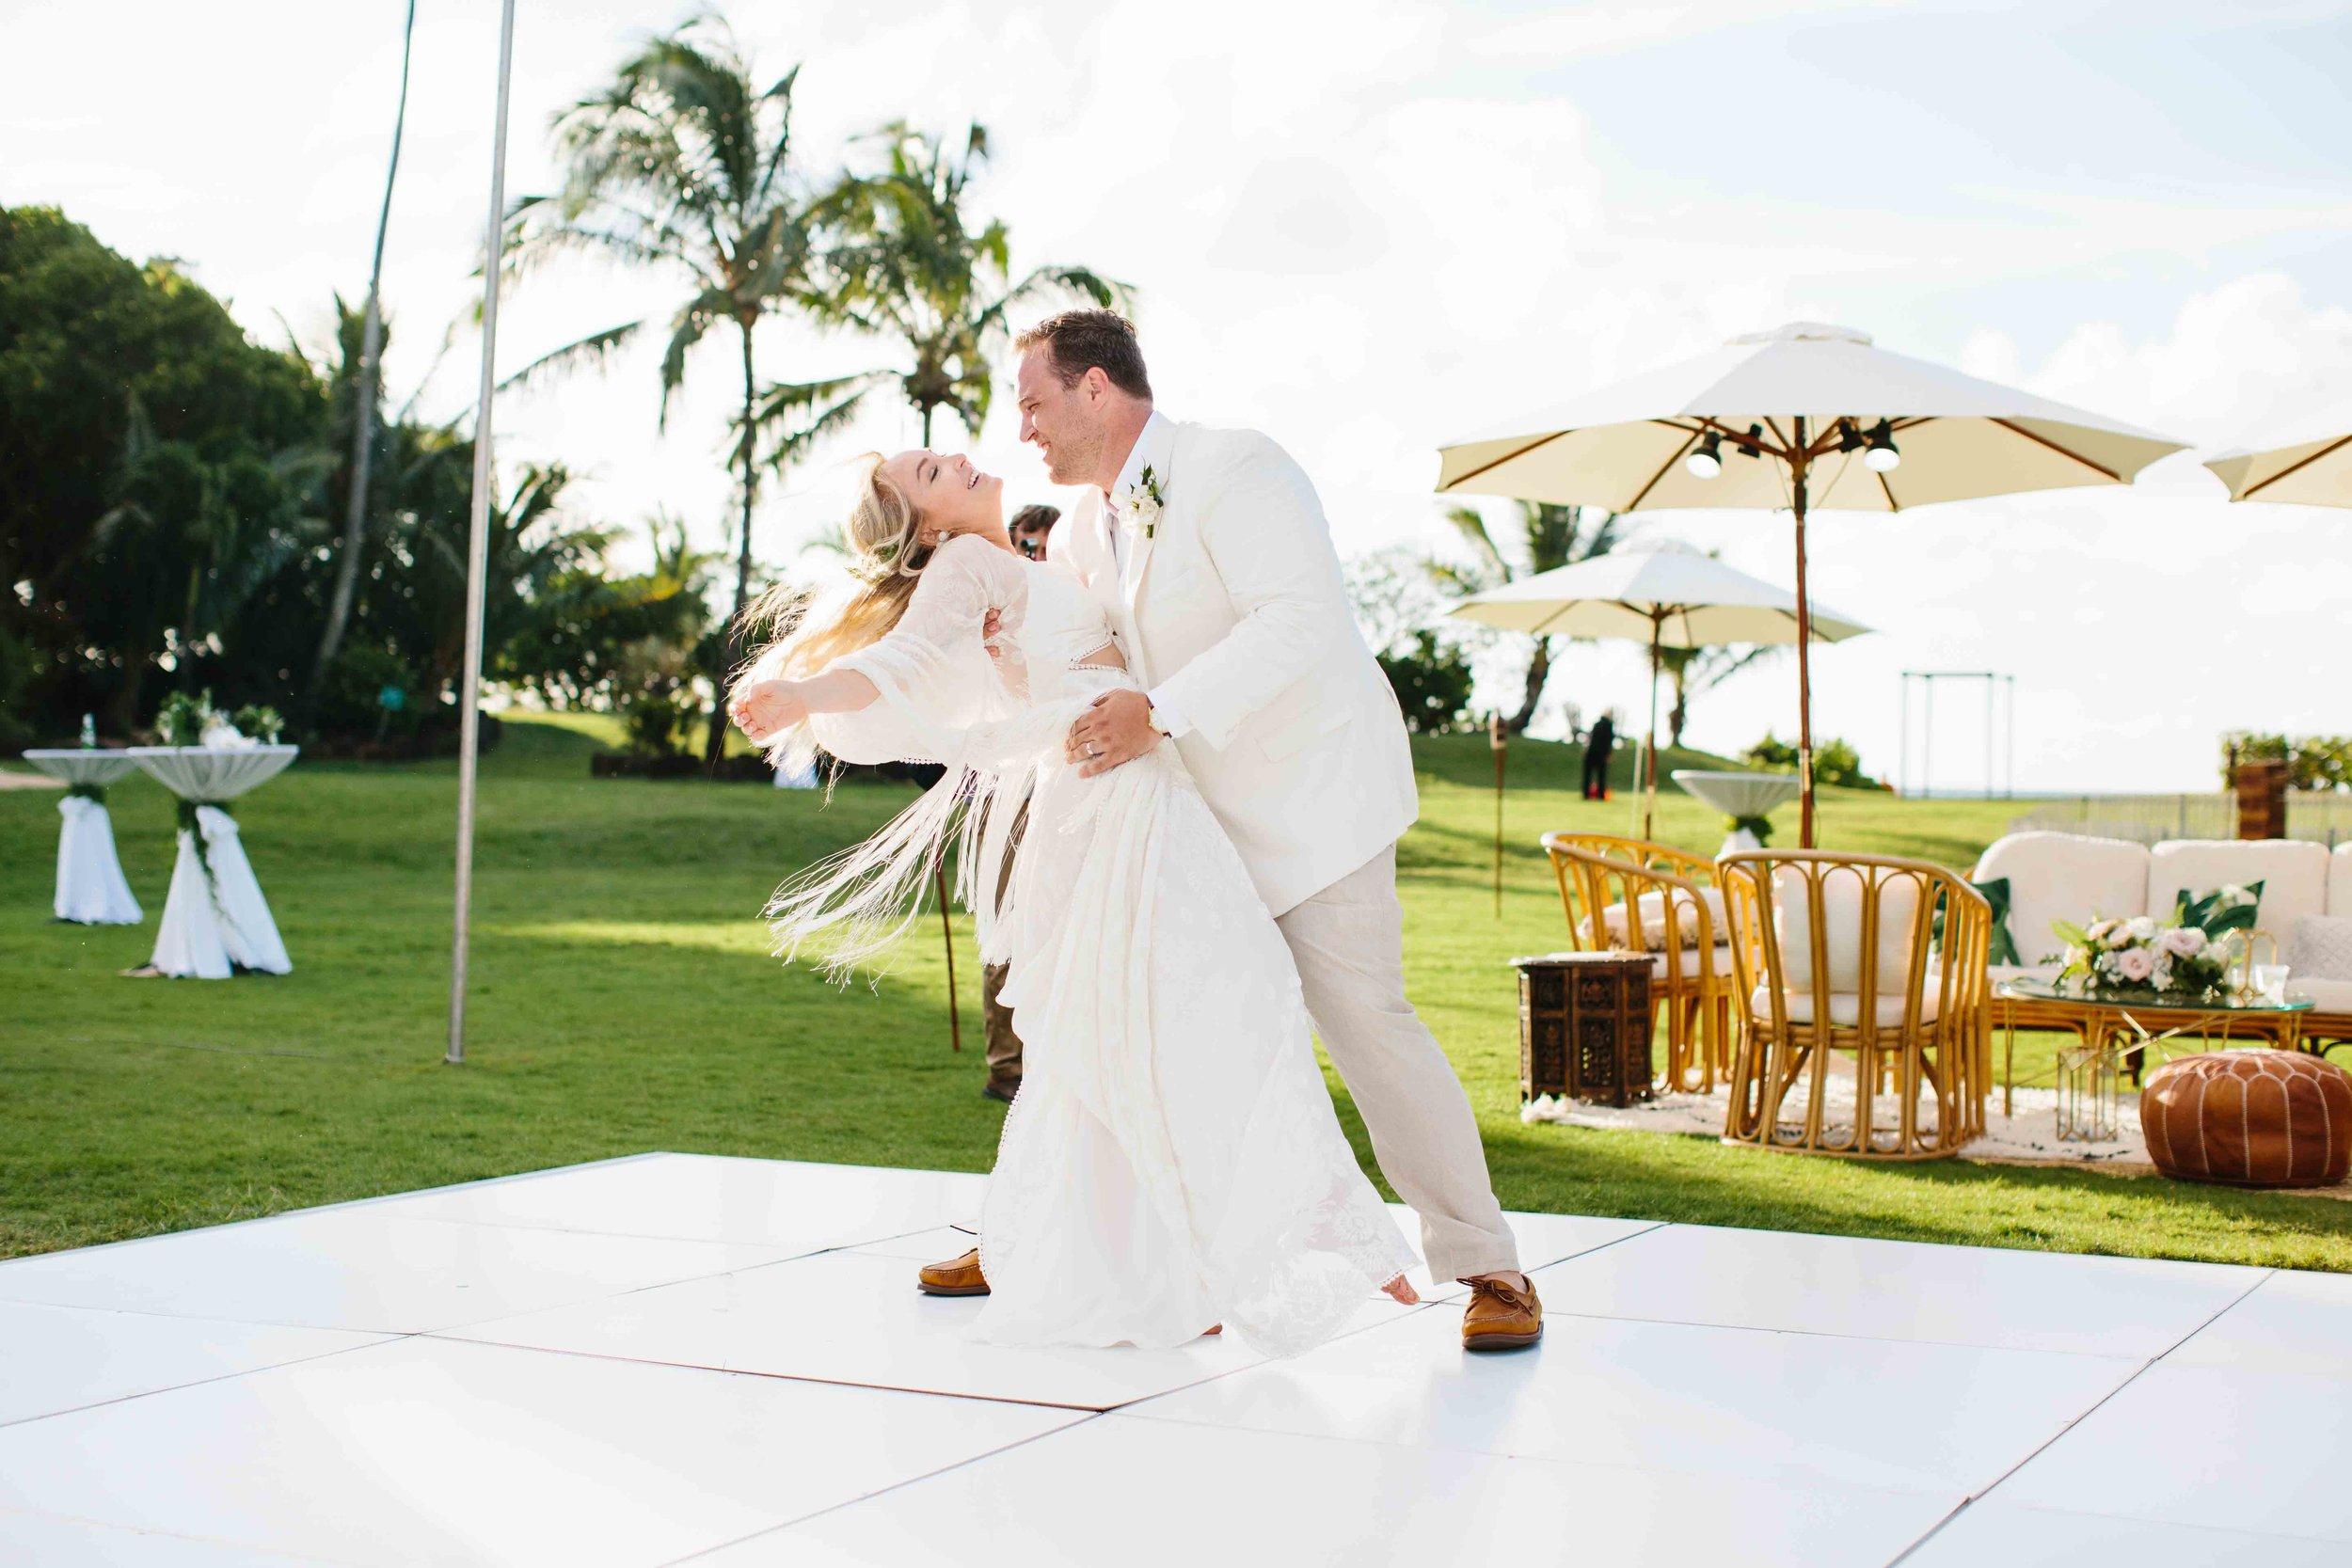 Hawaii Wedding Photography of a Outdoor Wedding